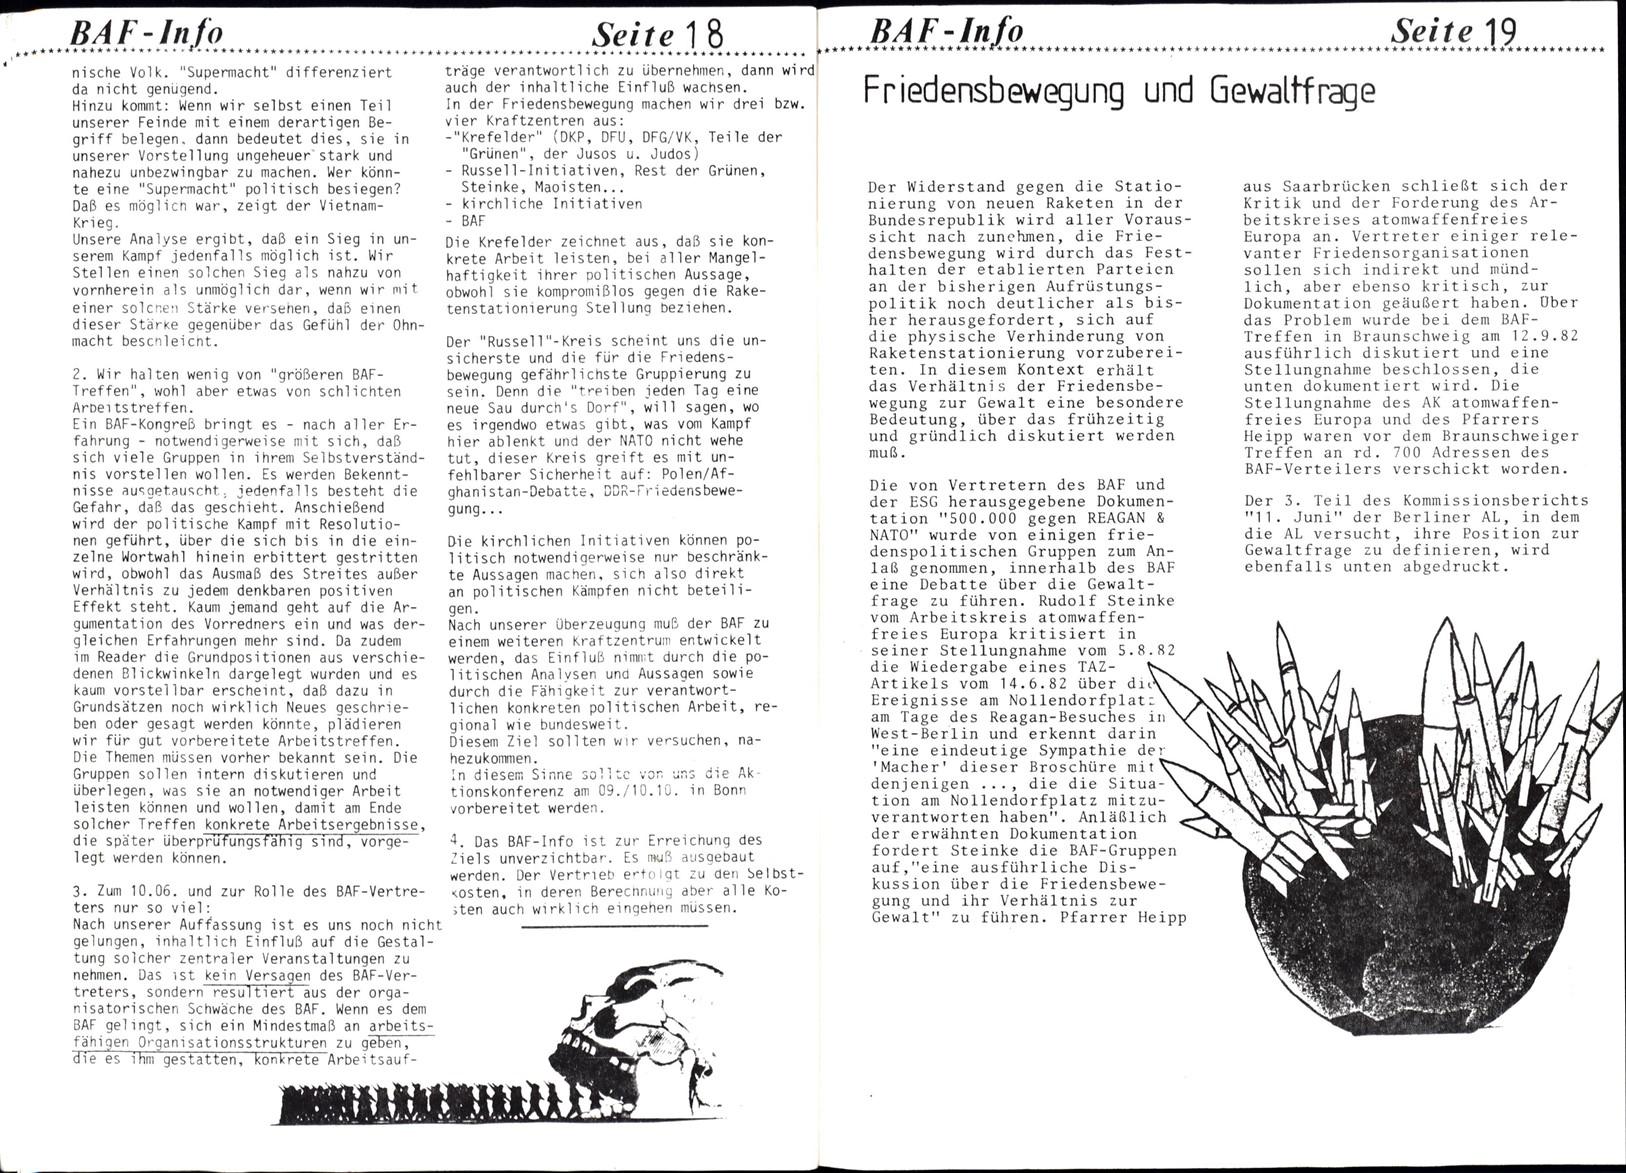 BAF_Info_01_19820900_10